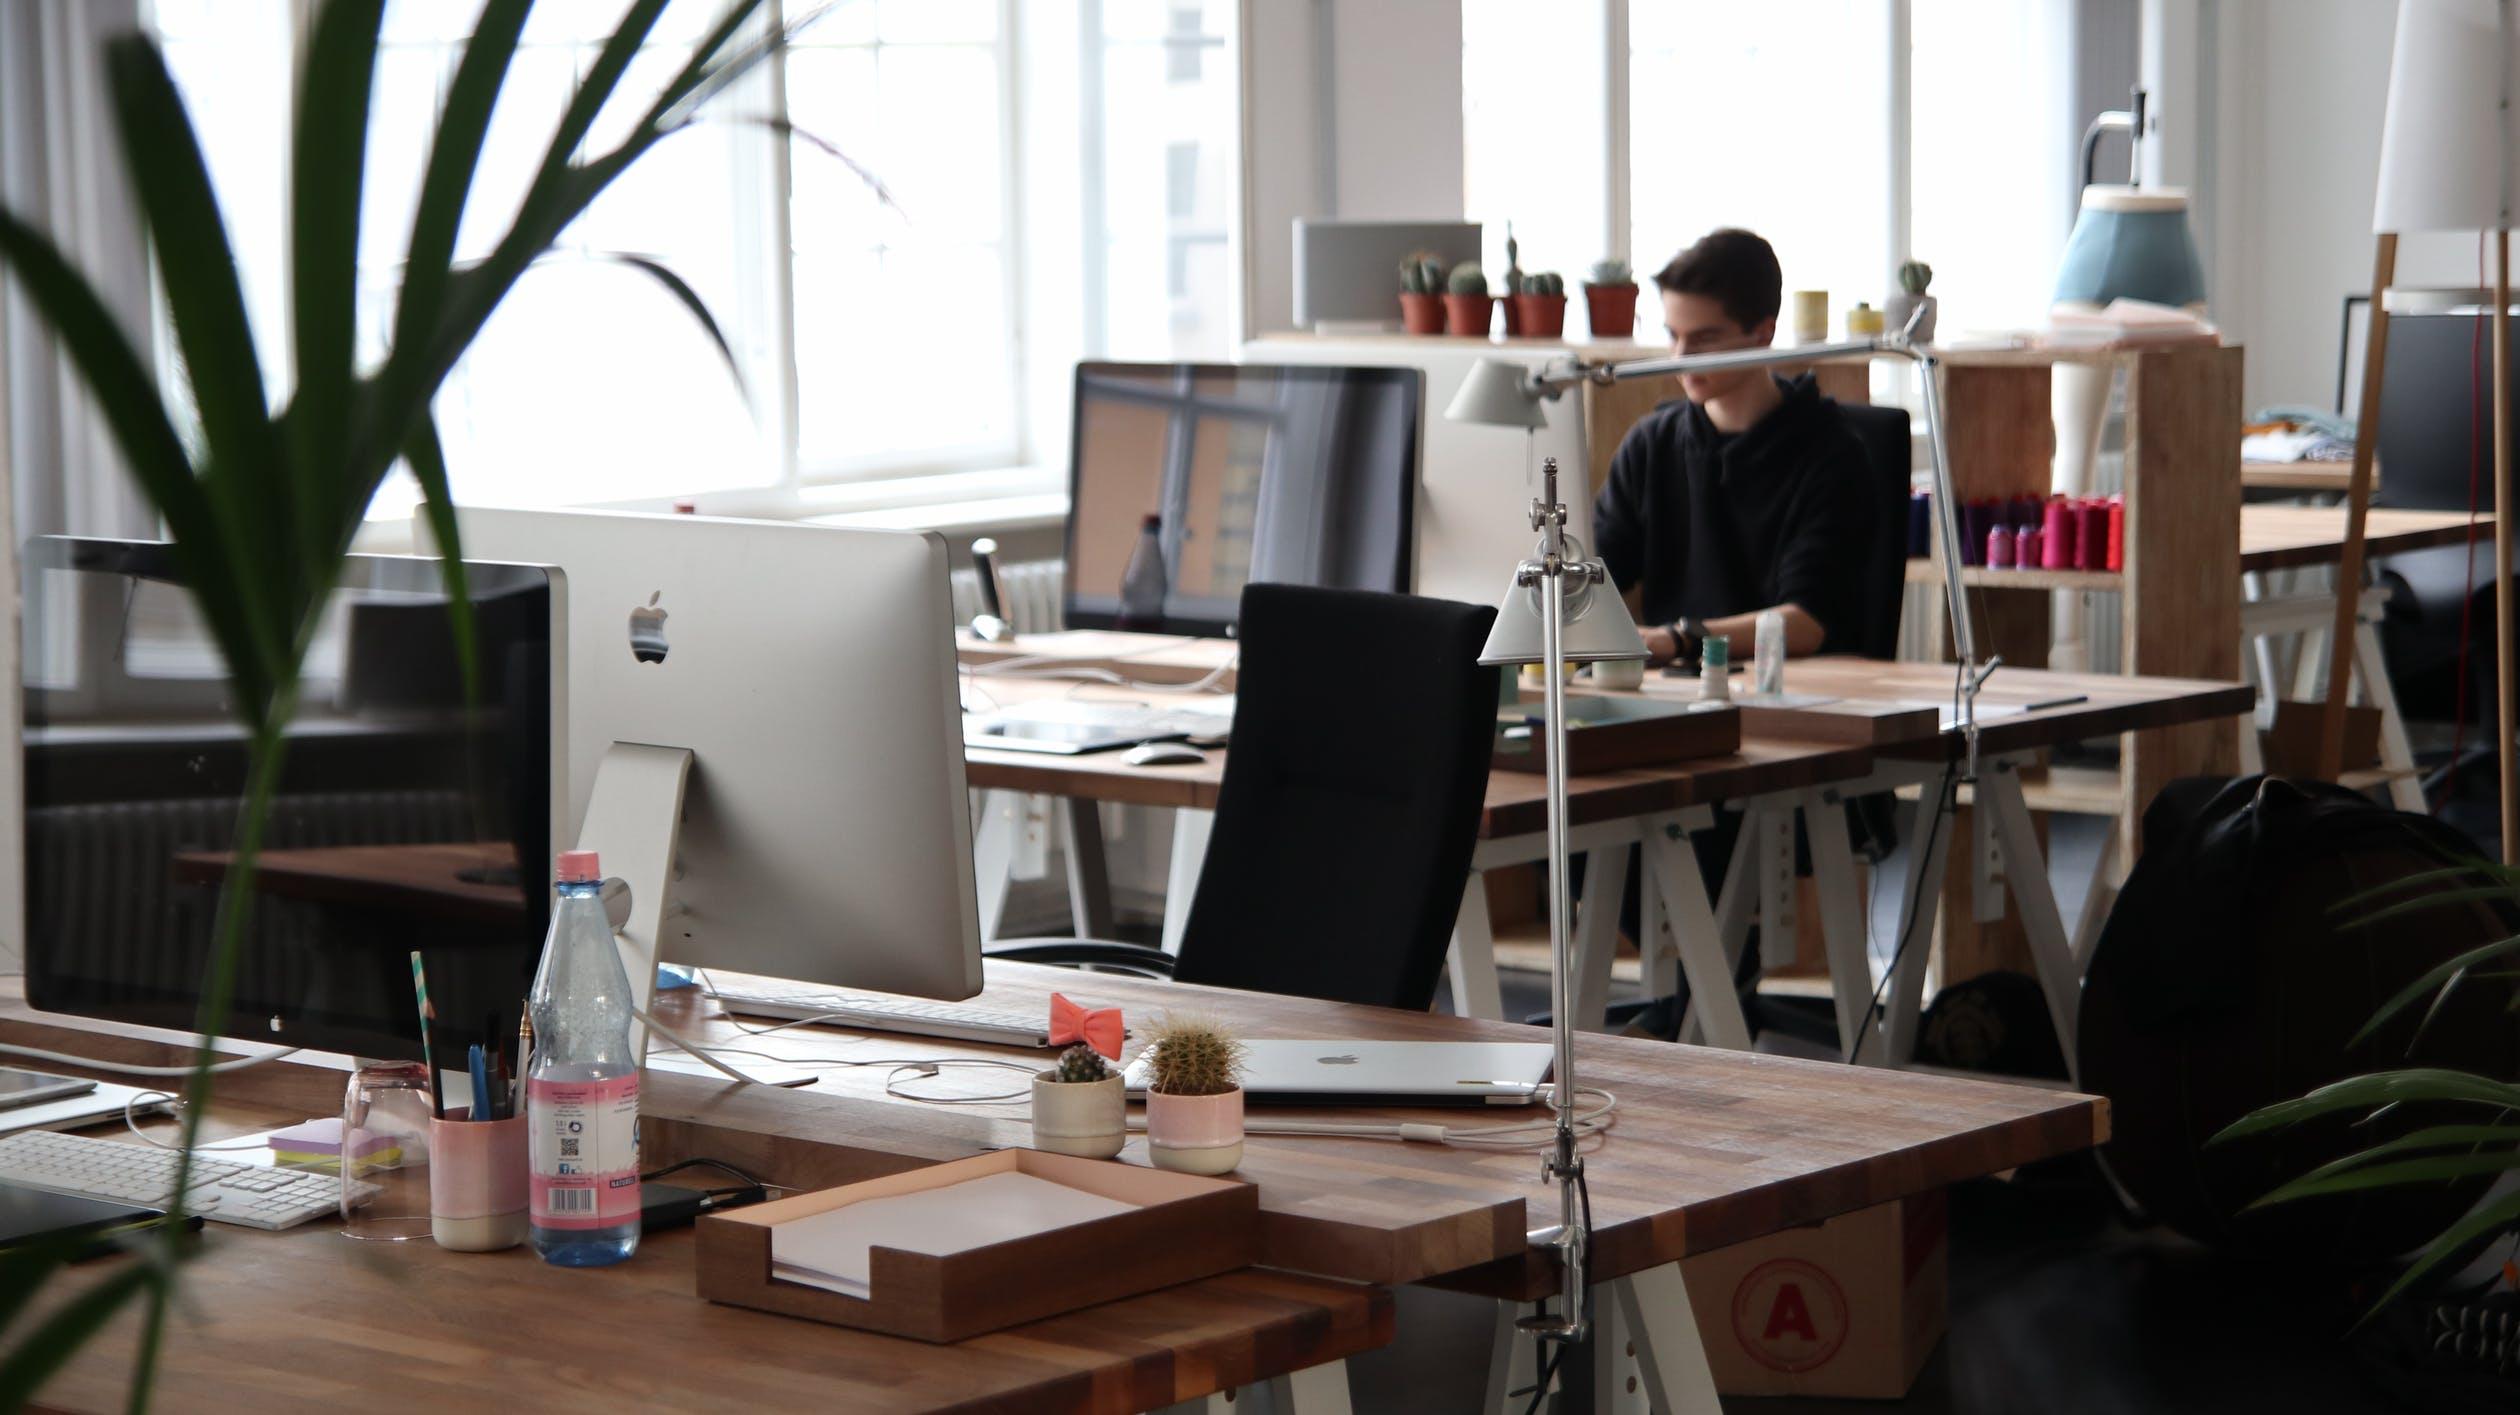 Het bedrijfspand mooi inrichten met de juiste kantoormeubelen